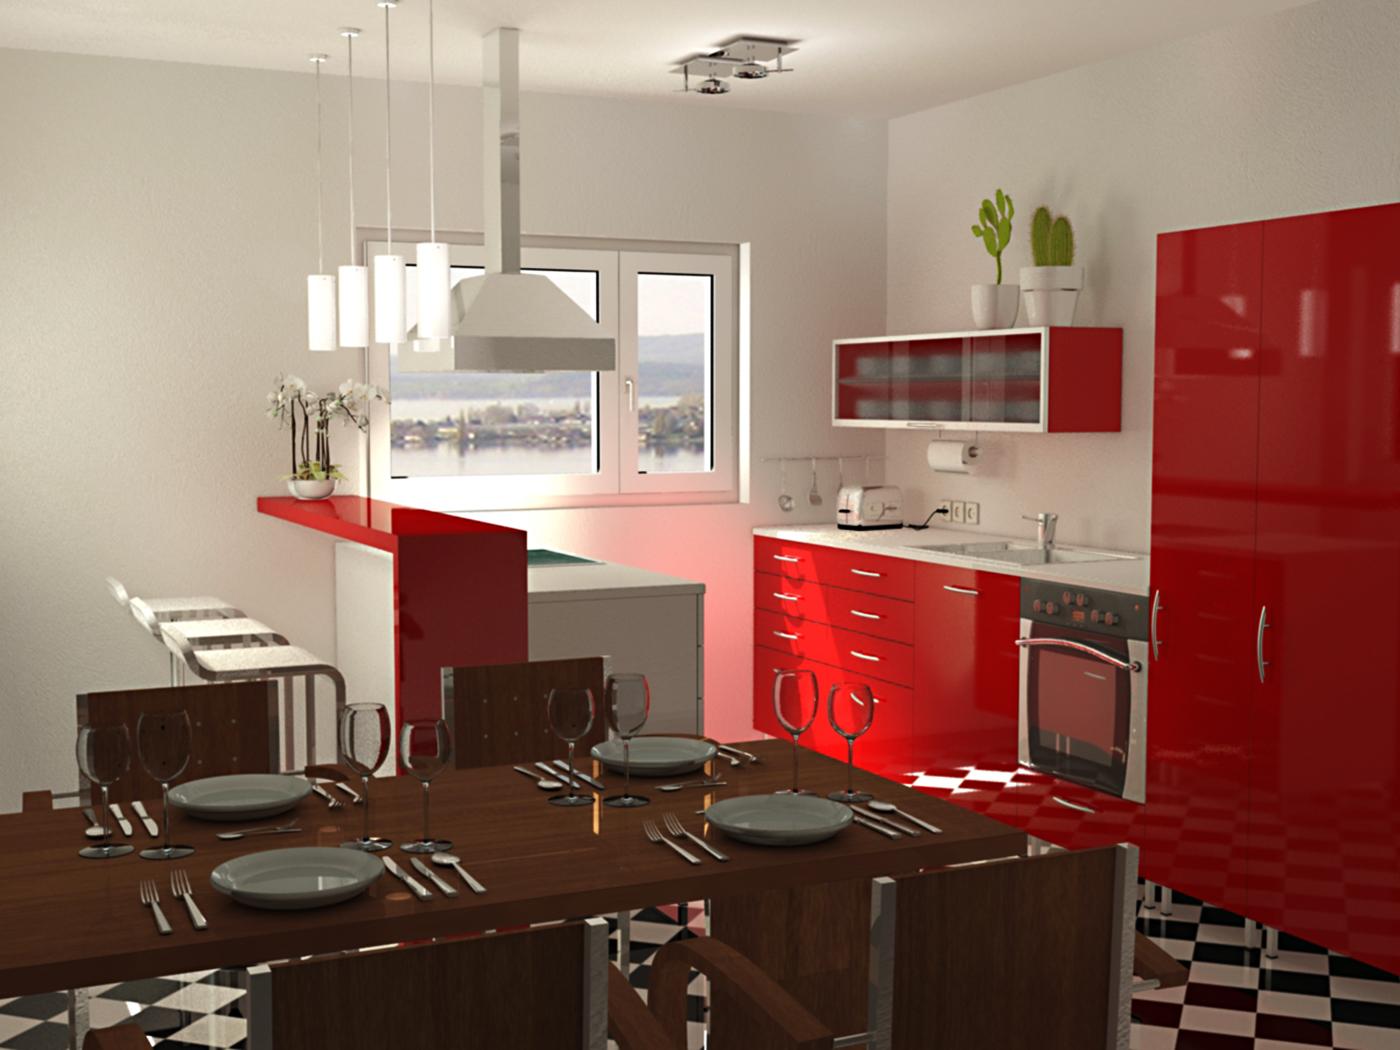 Visualisierung Küche FX Design